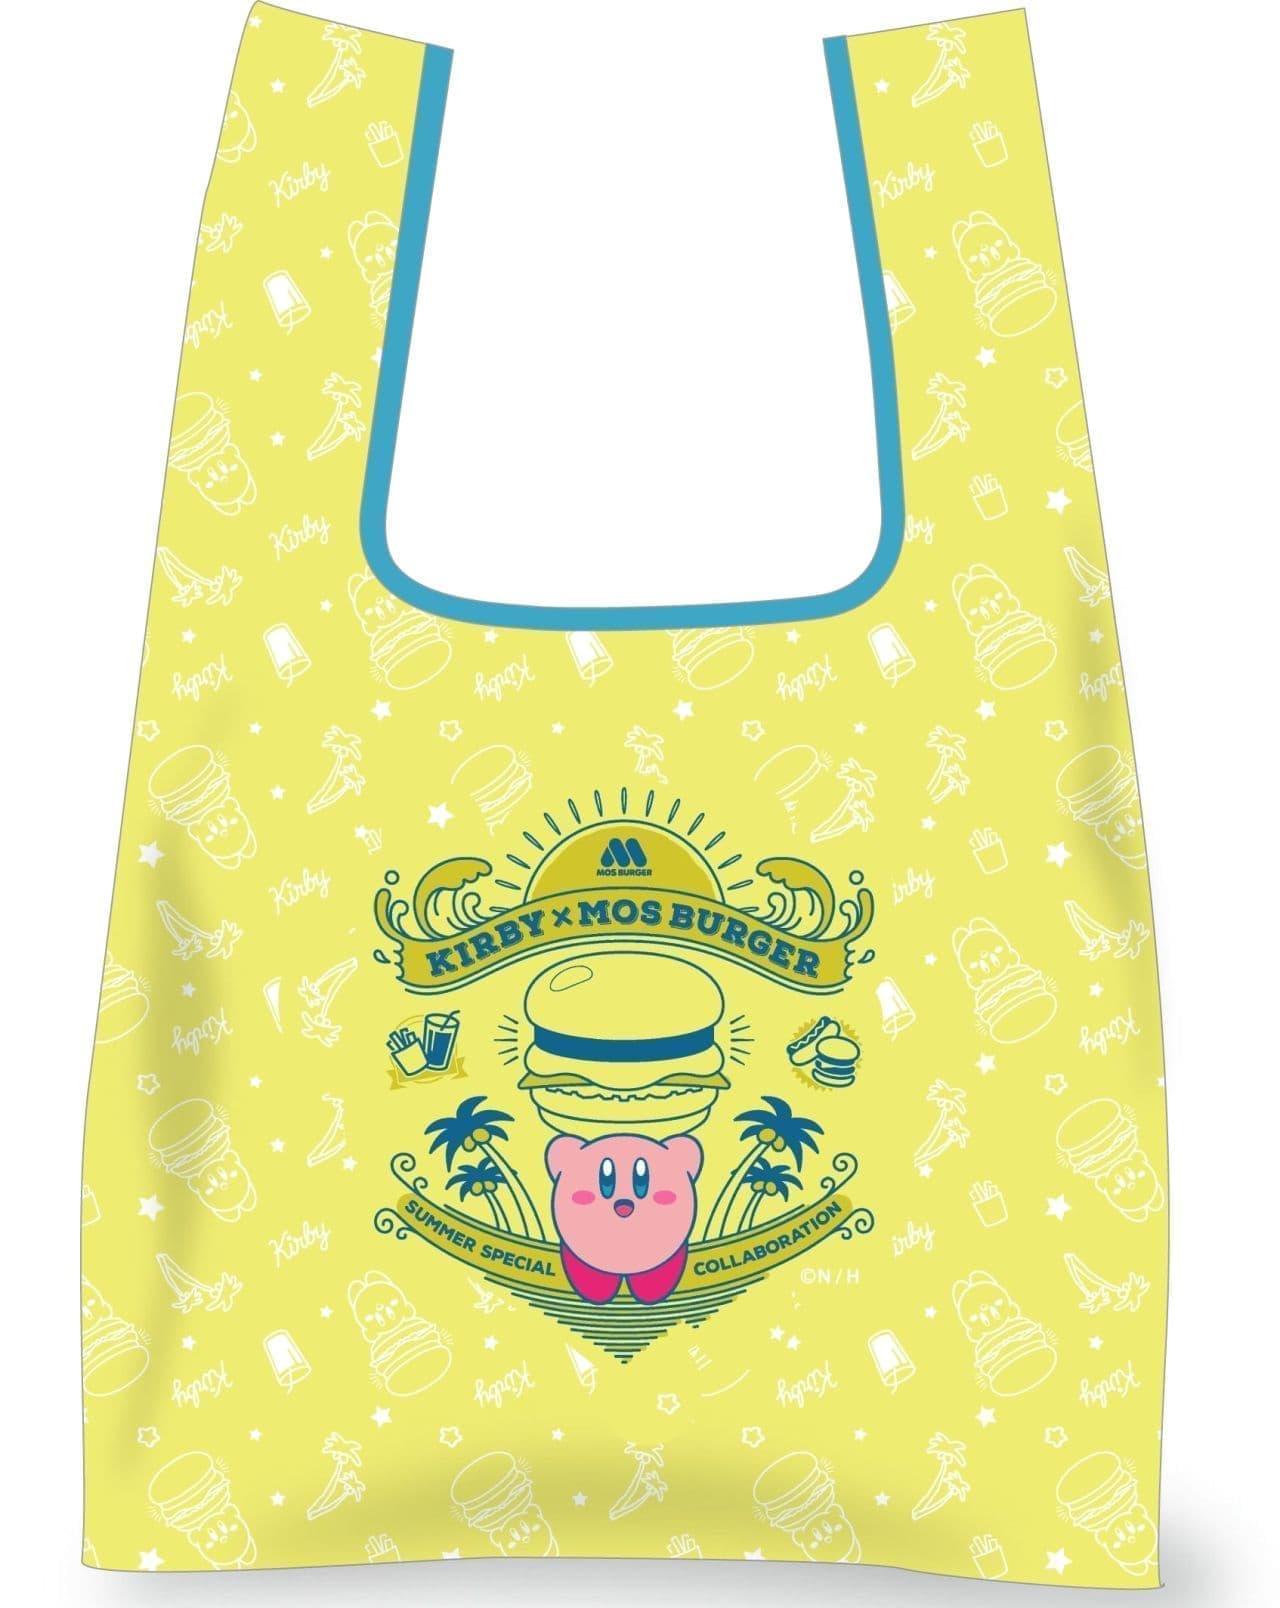 モス×カービィ サマーラッキーバッグのマルシェエコバッグ